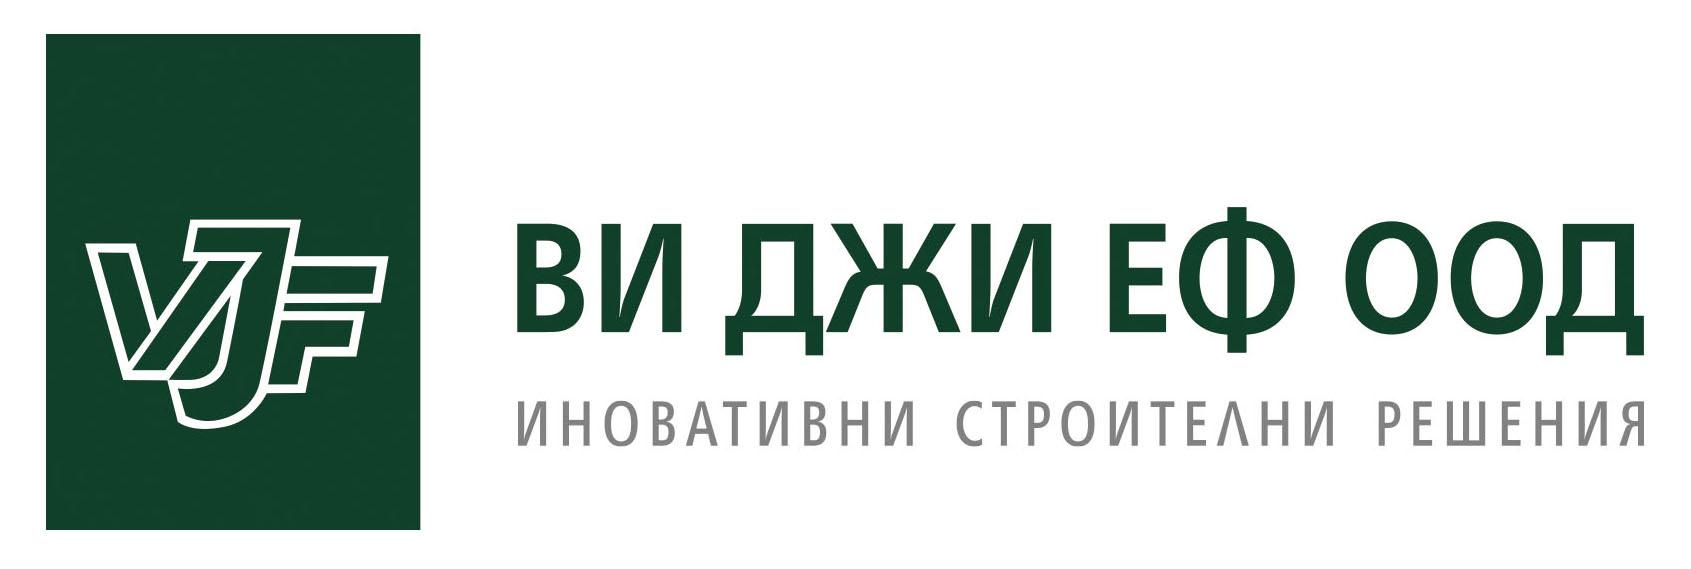 vjf_logo1